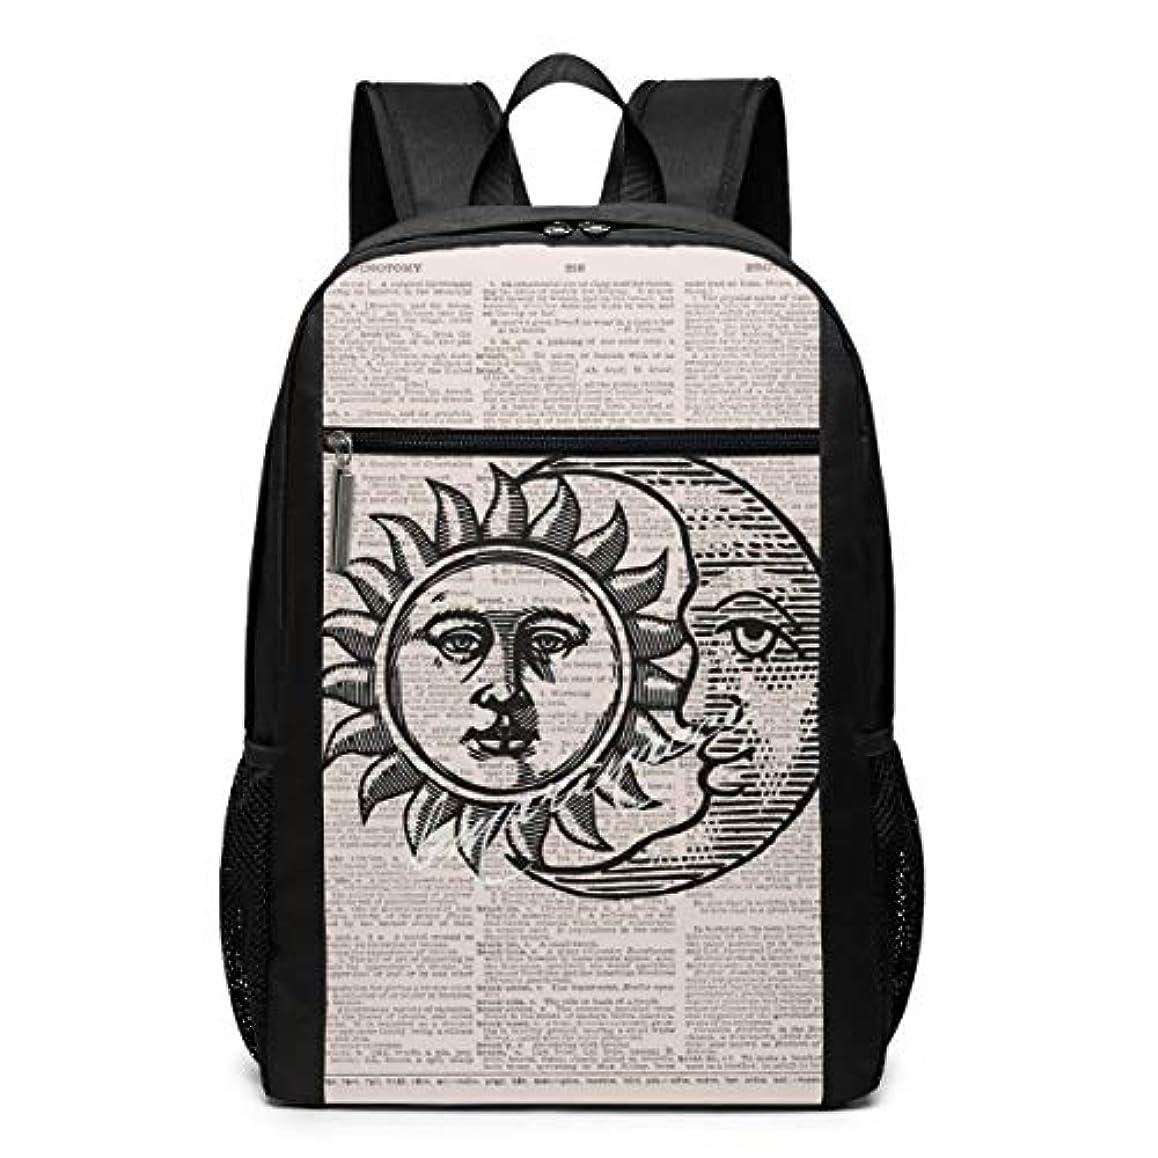 シンプルさ静脈シンプルさMy Life リュックサック 月と太陽 メンズ バックパック リ ュック デイパック 大 おしゃれ 出張/旅行/通勤/アウトドアに適用 大容量 多機能 人気 学生 高校生 (17インチ)